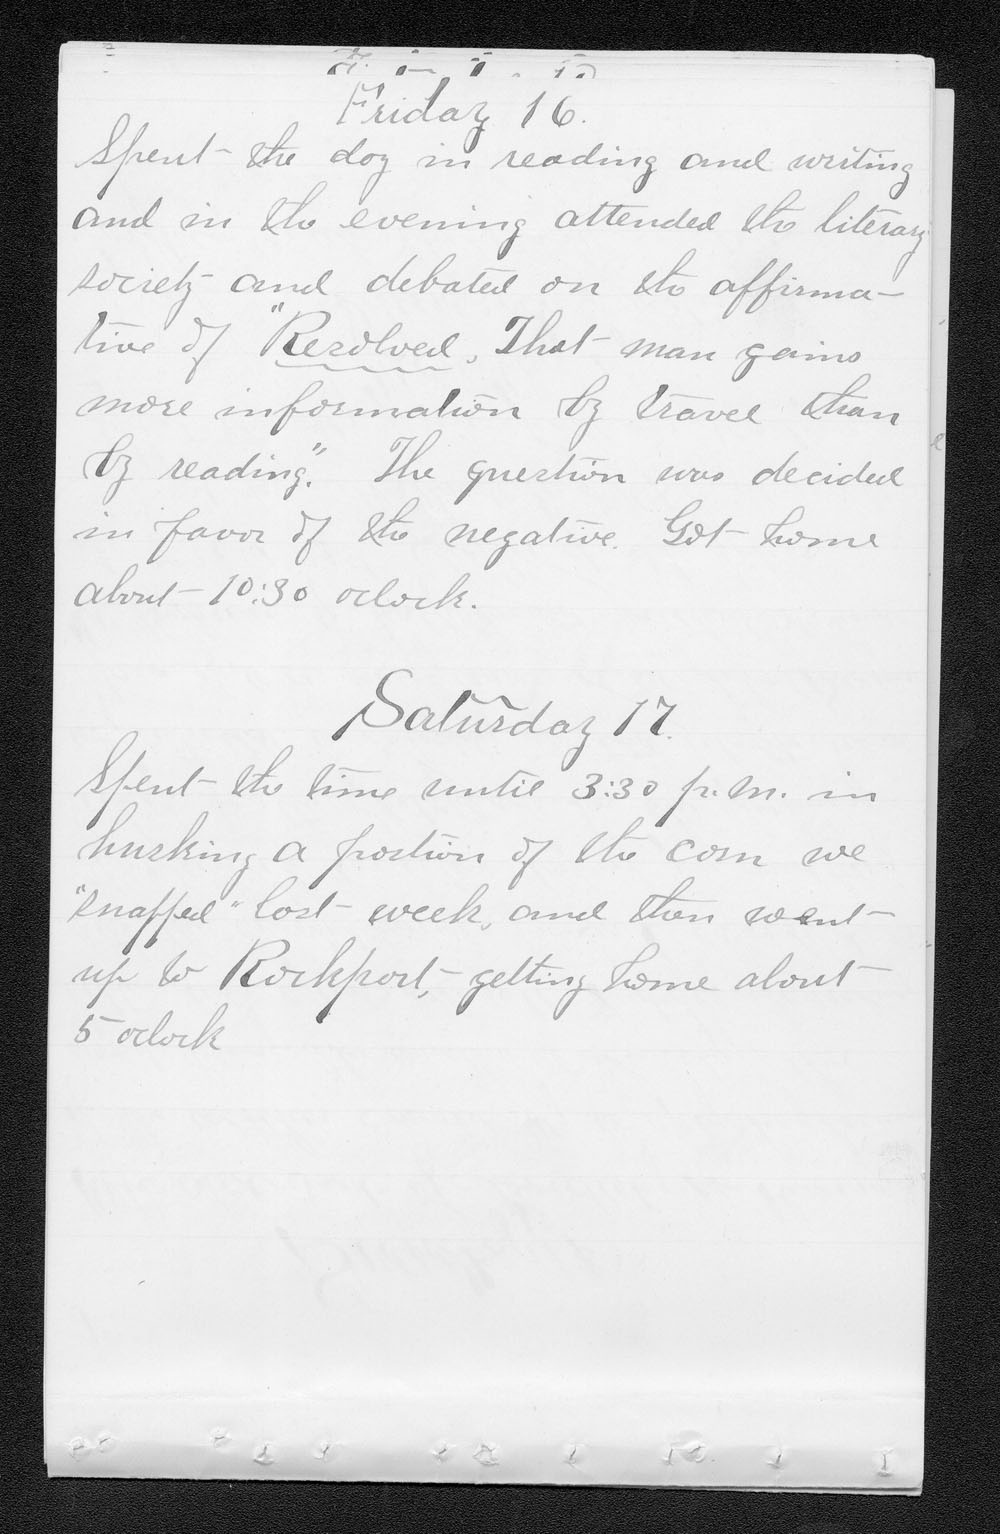 Elam Bartholomew diary - Jan 16, 1880